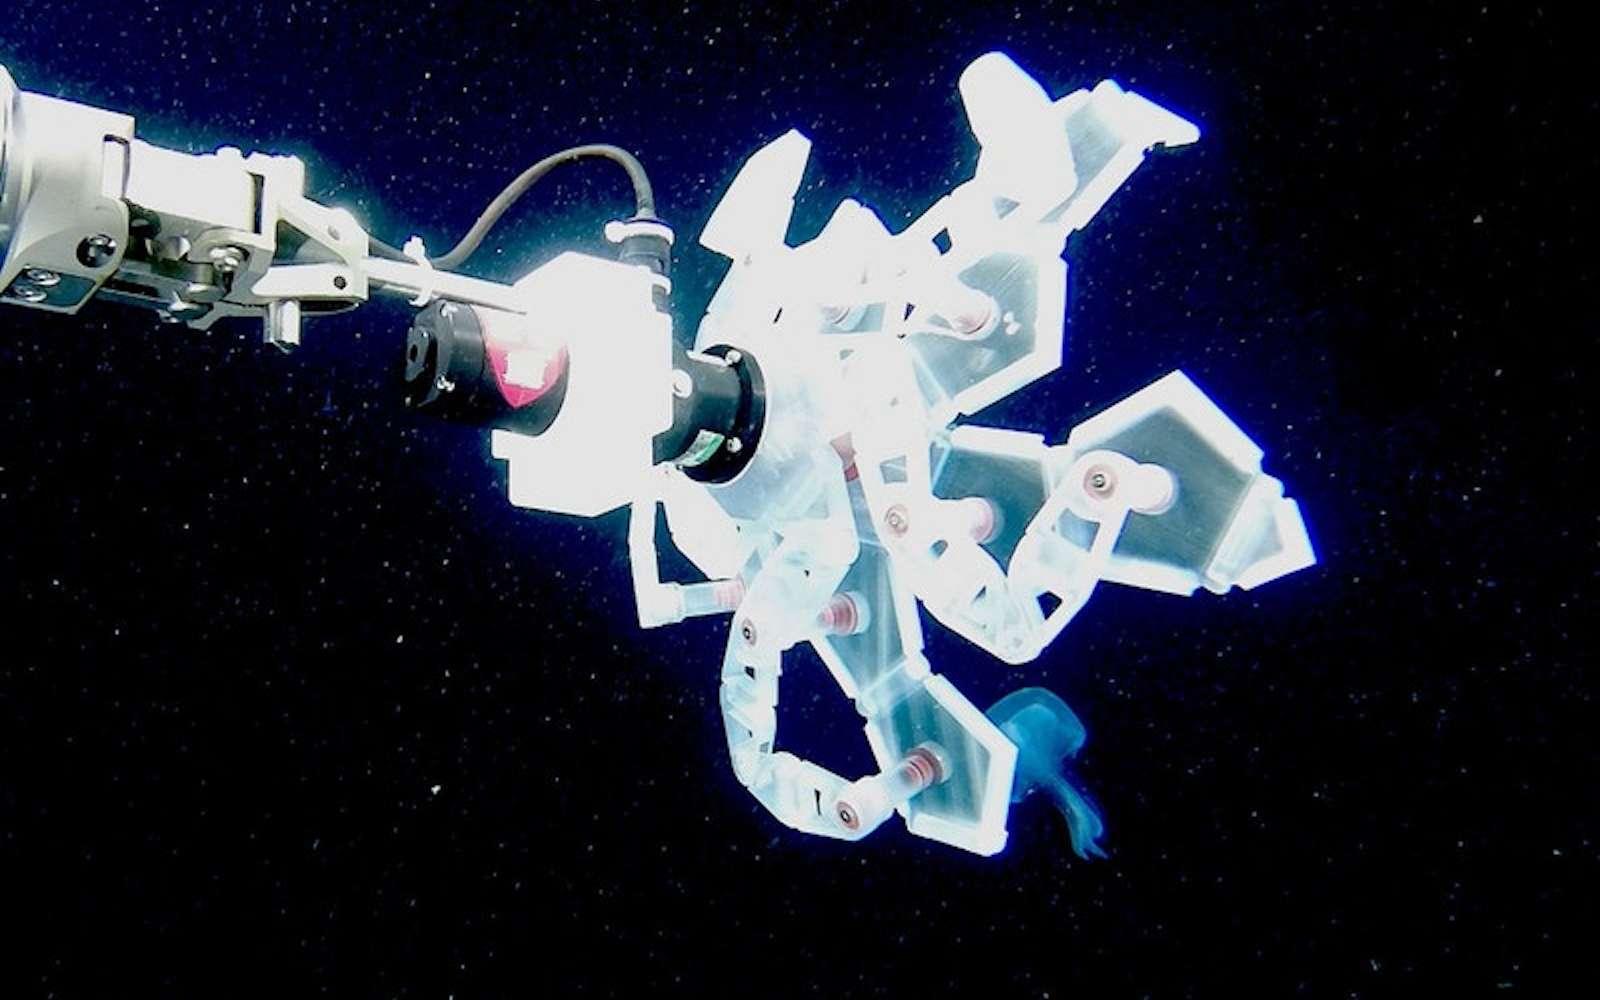 Le robot est un assemblage de 12 pentagones imprimés en 3D qui se déplient comme des pétales pour former une pince. © Wyss Institute at Harvard University